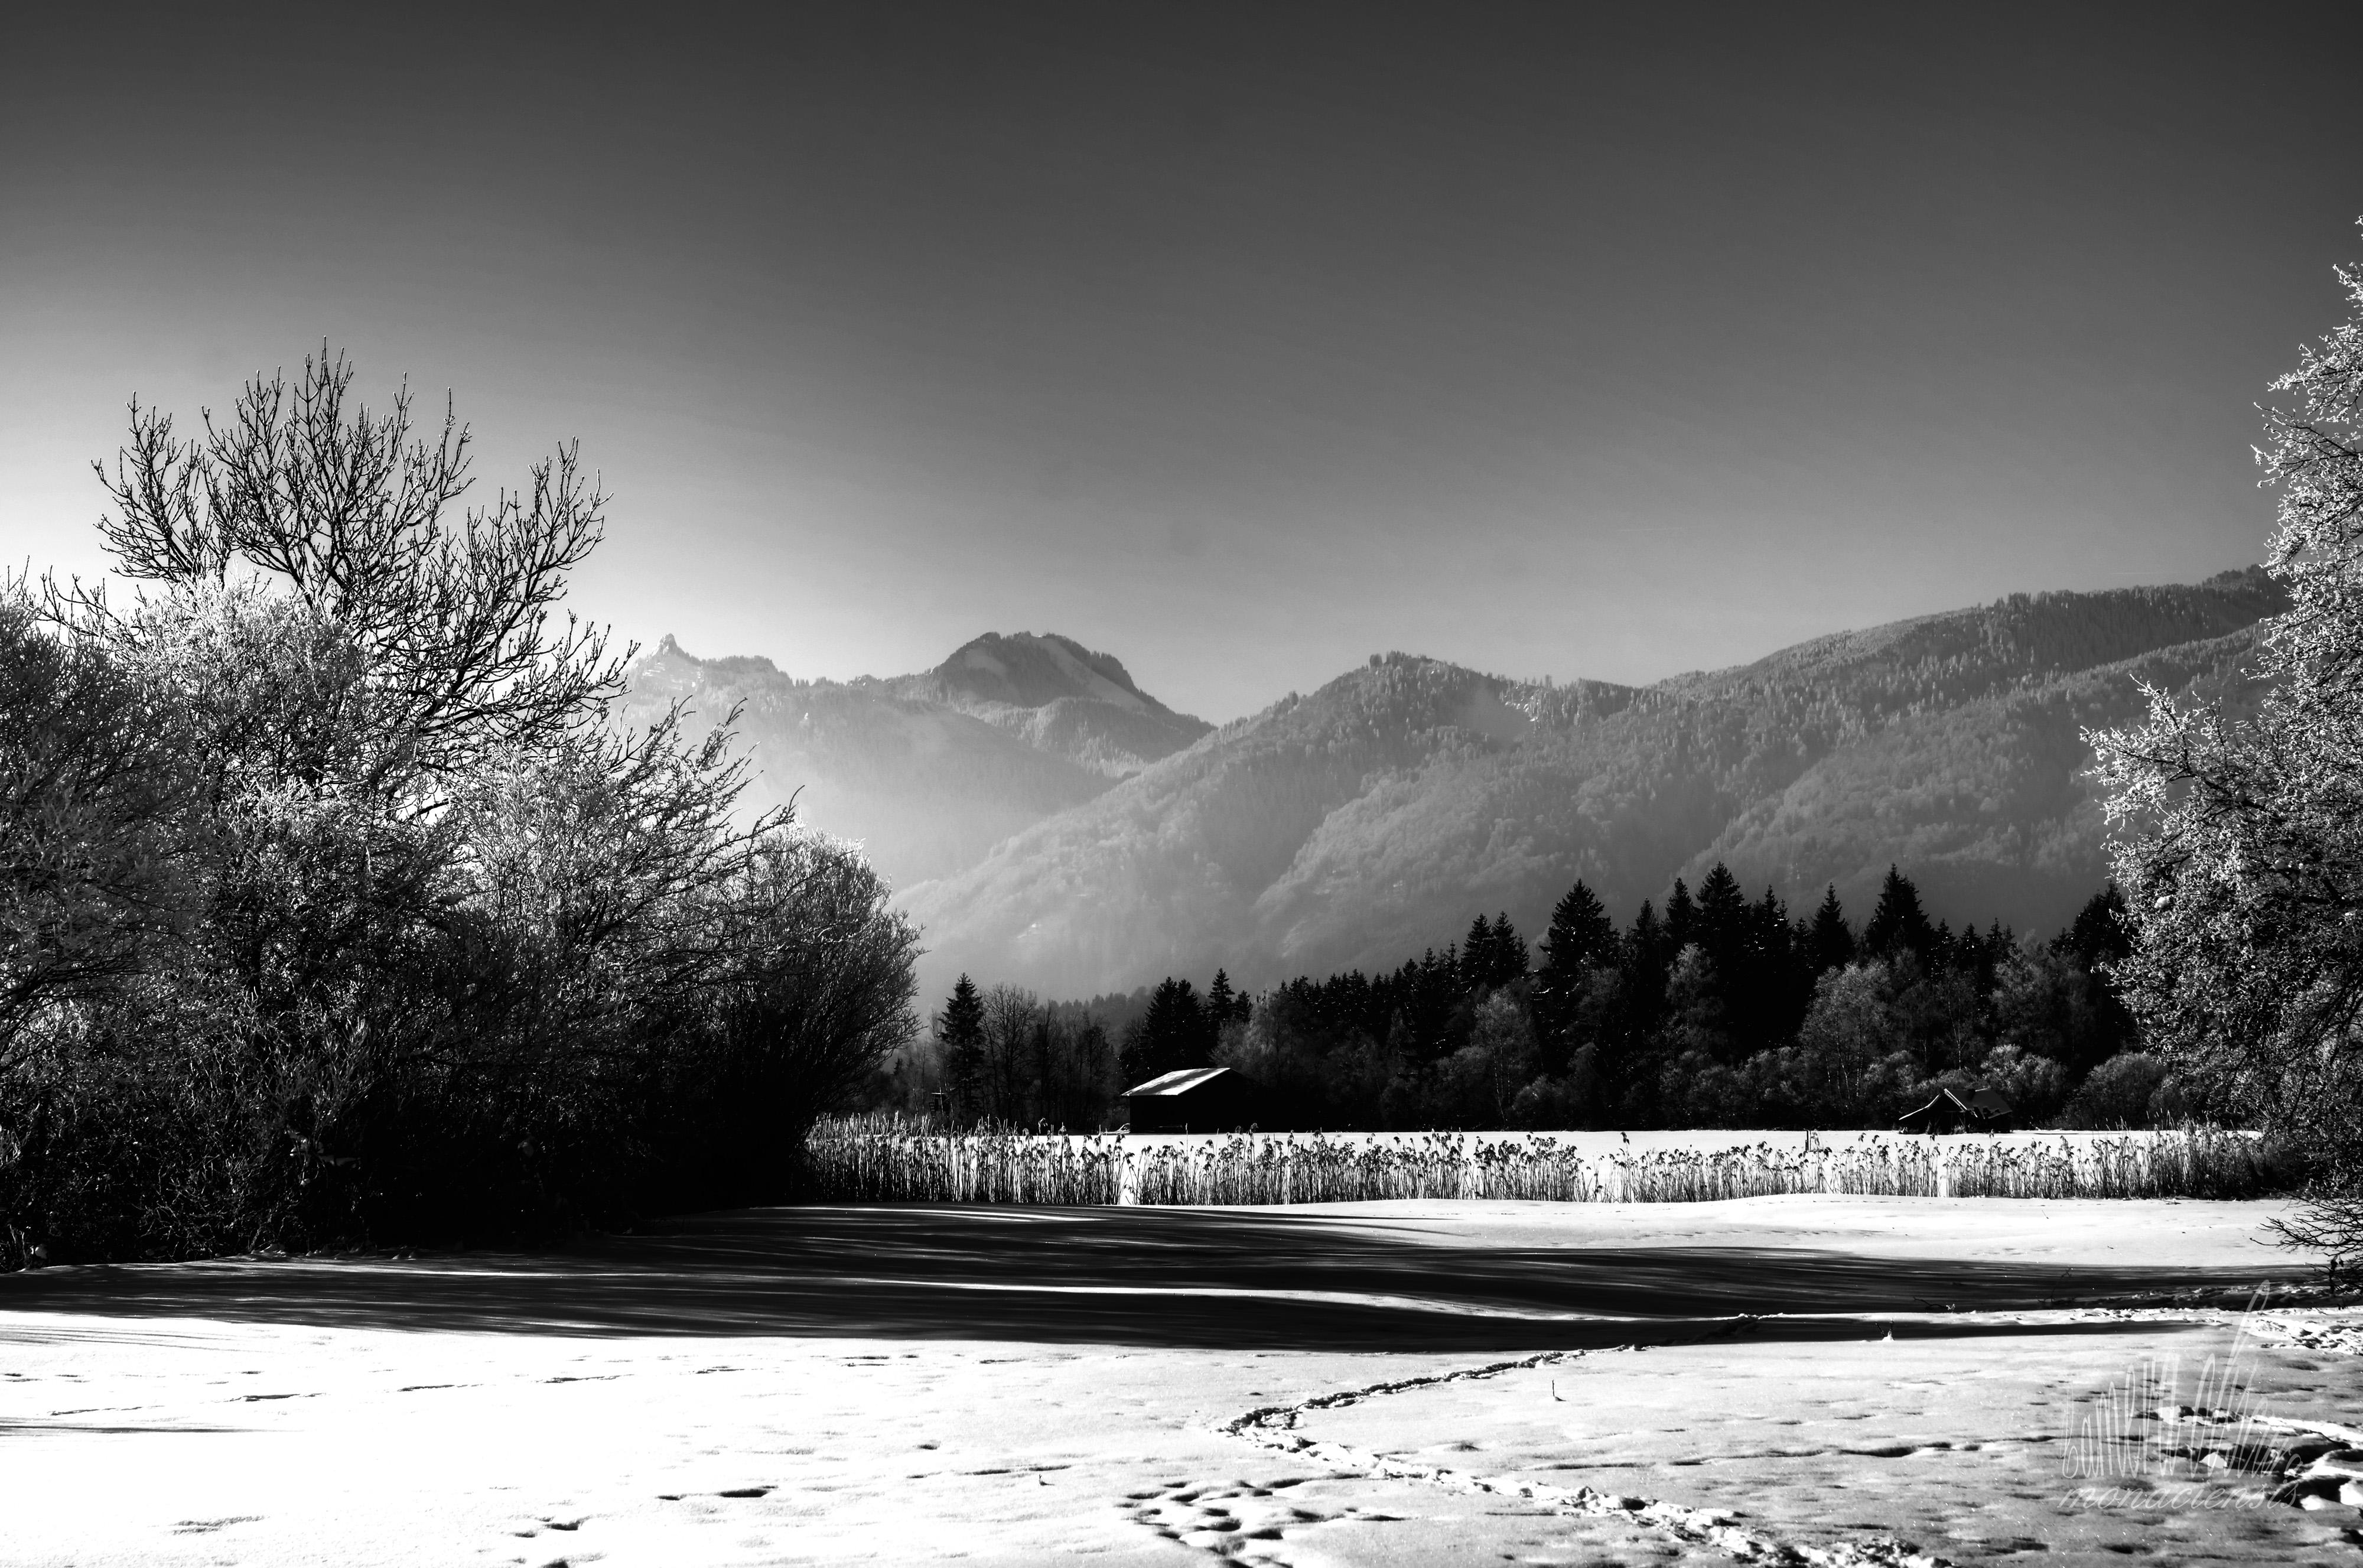 Sfondi Luce Del Sole Alberi Paesaggio Bianca Montagne